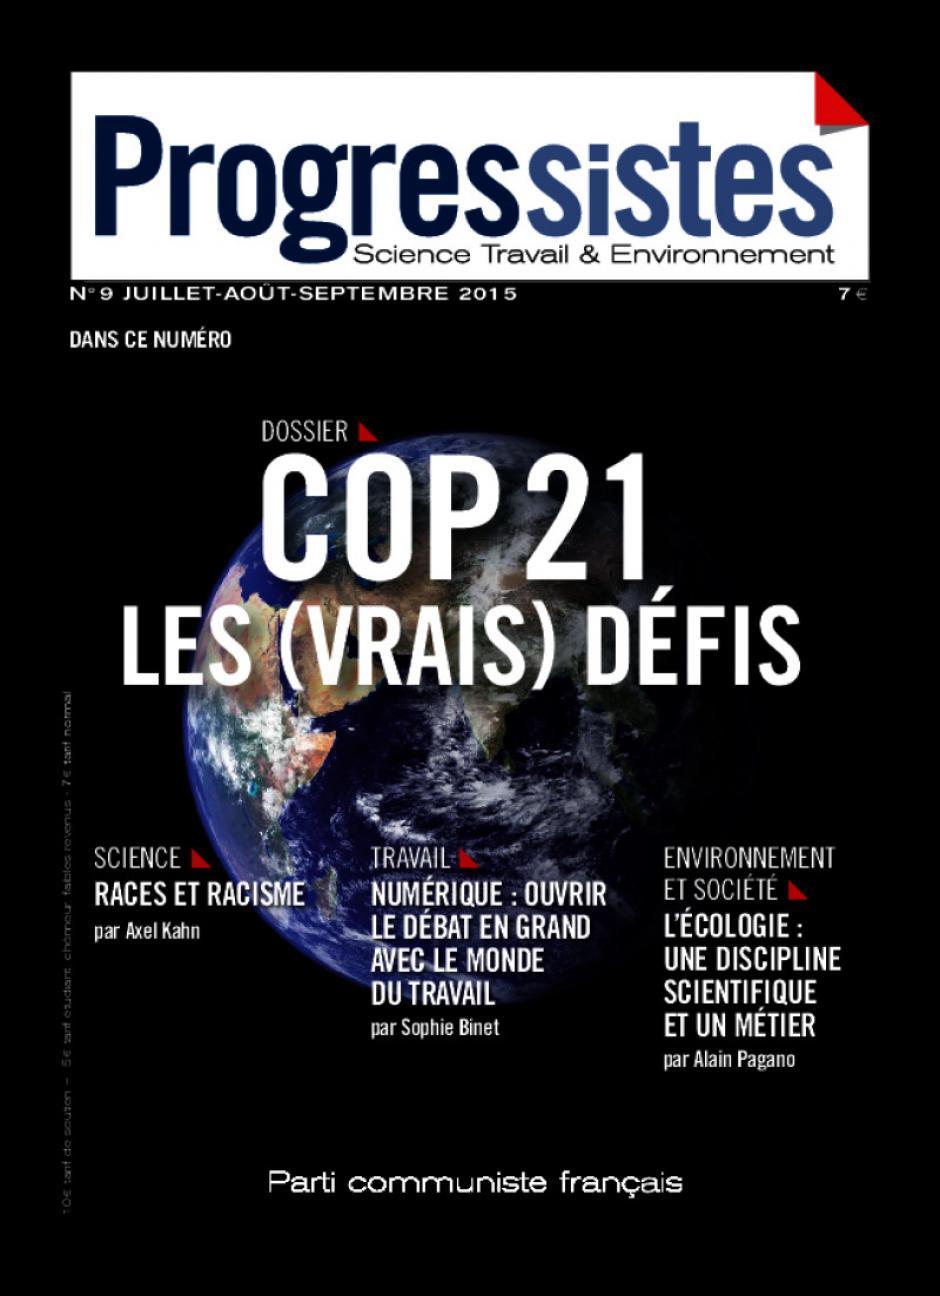 Progressistes n°9 Juillet Aout Septembre 2015